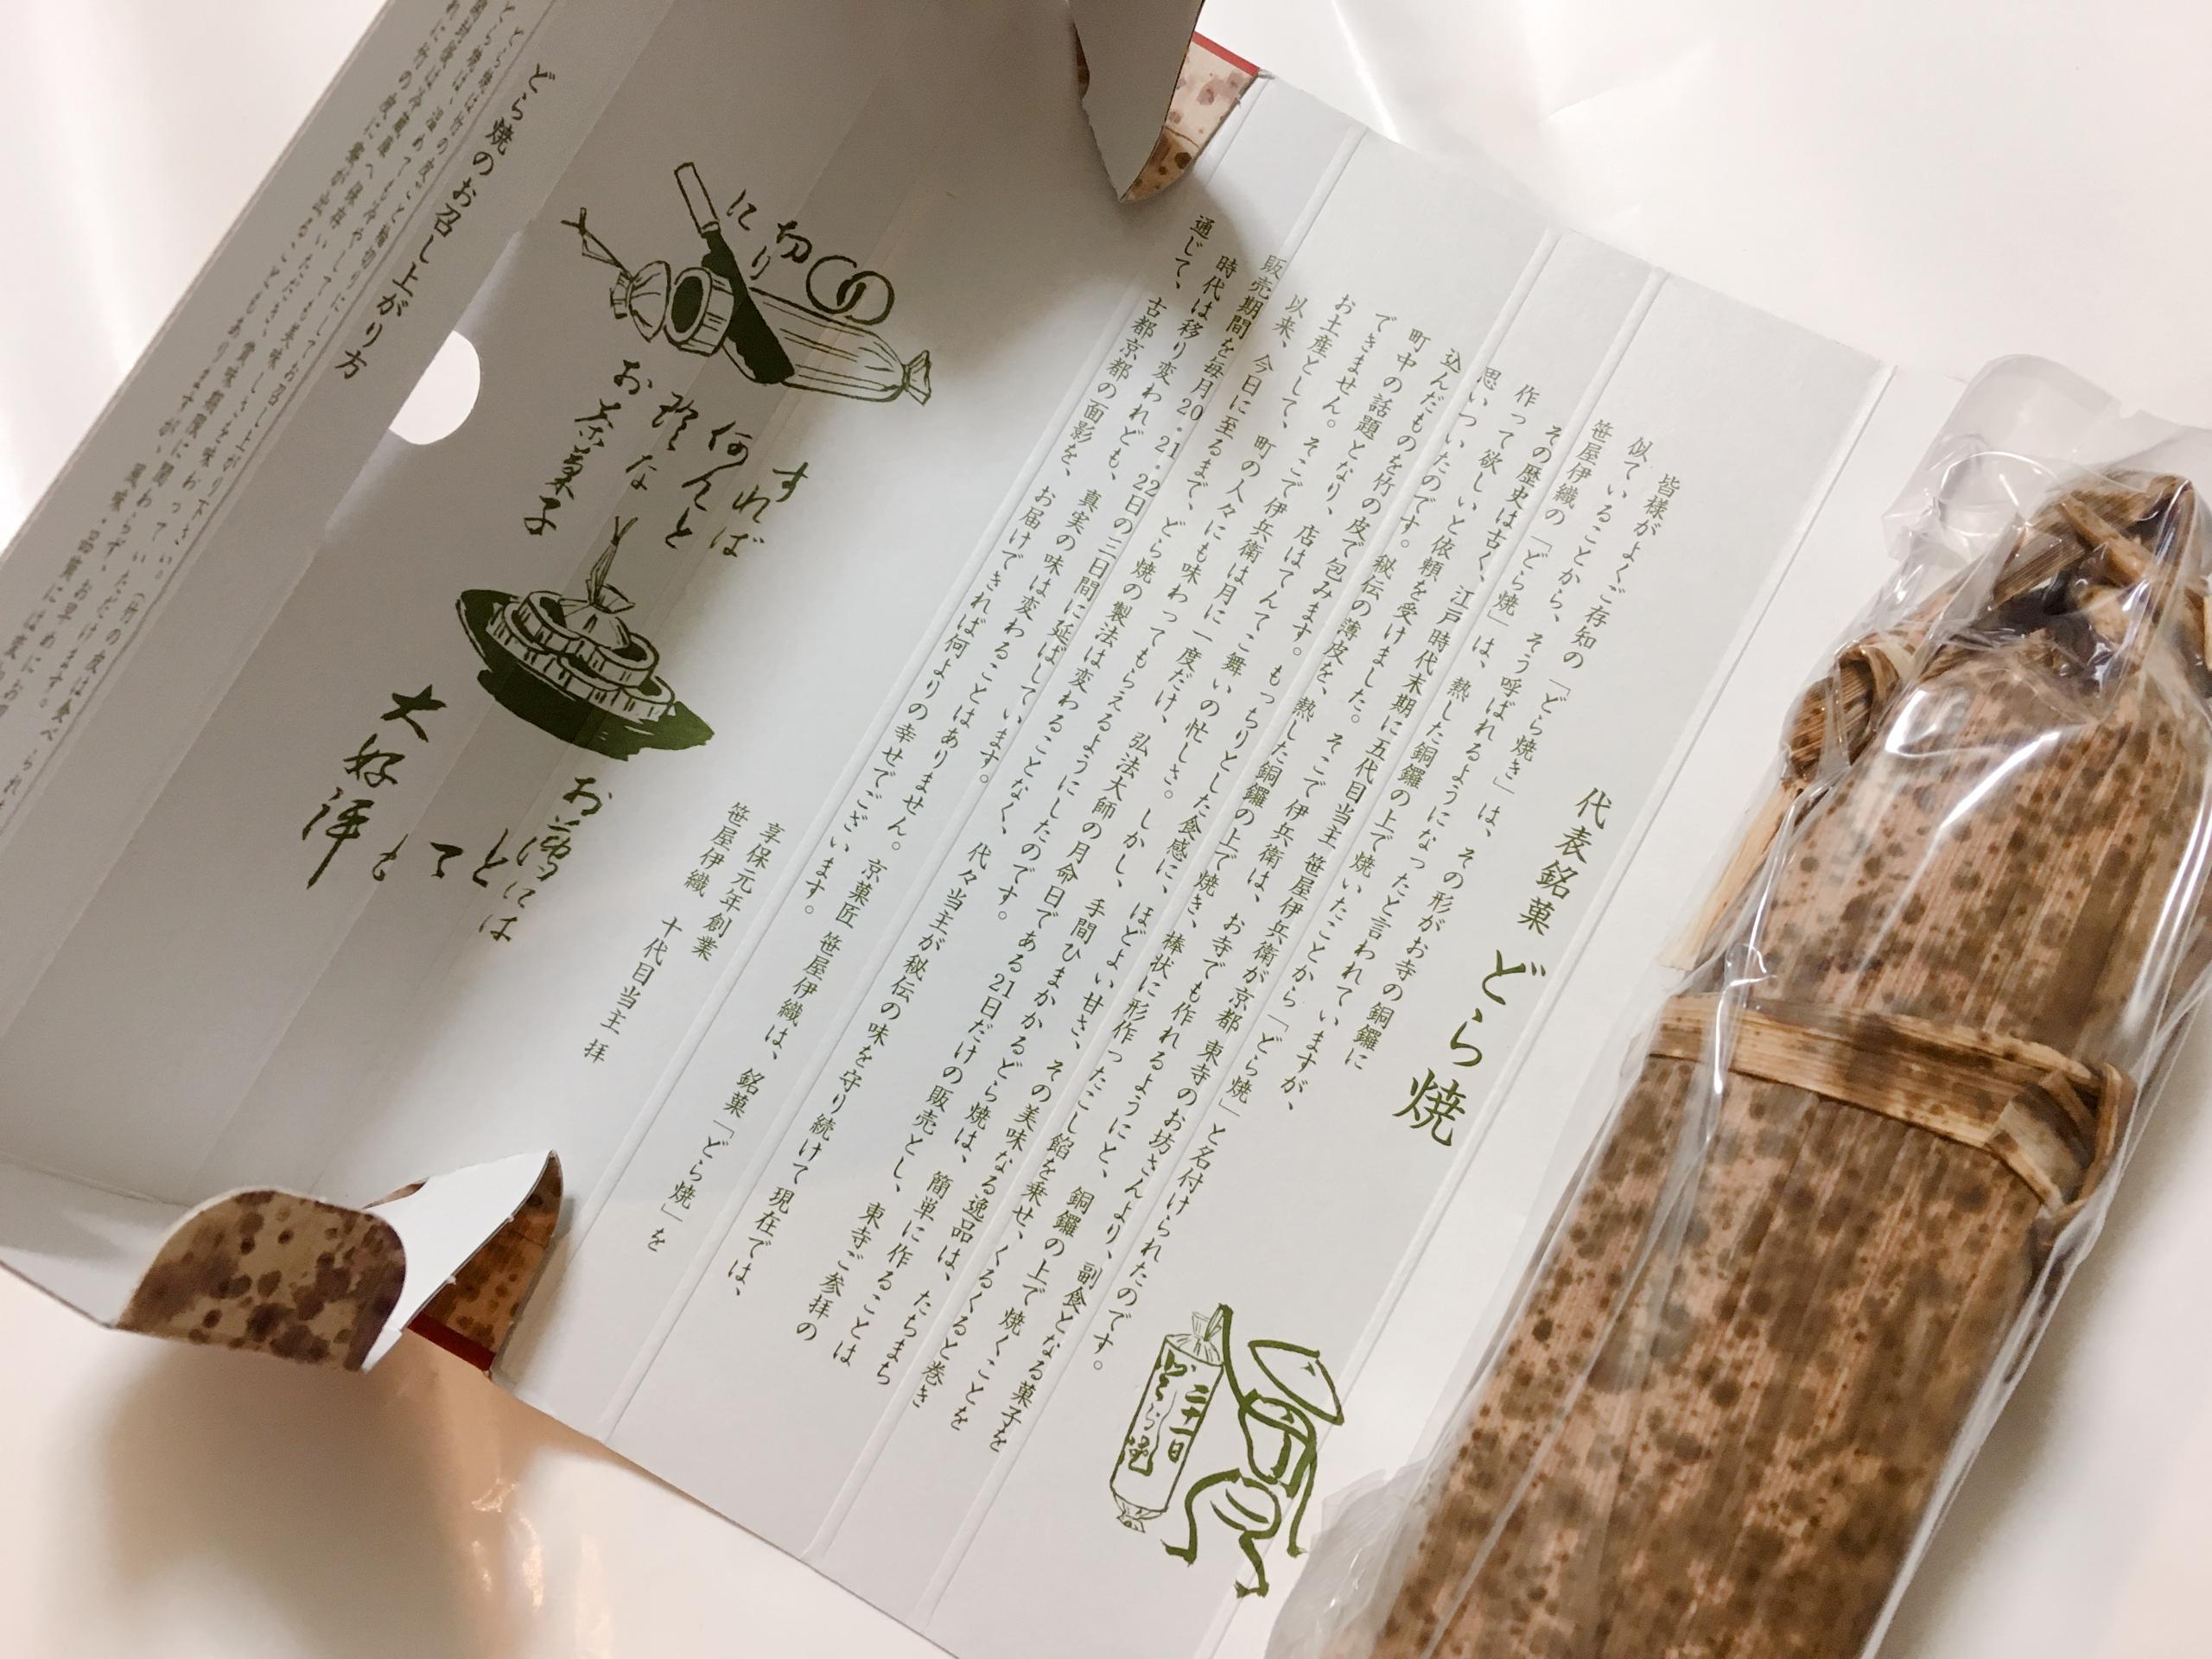 竹の皮ごとカット可能と書いてある外紙の写真